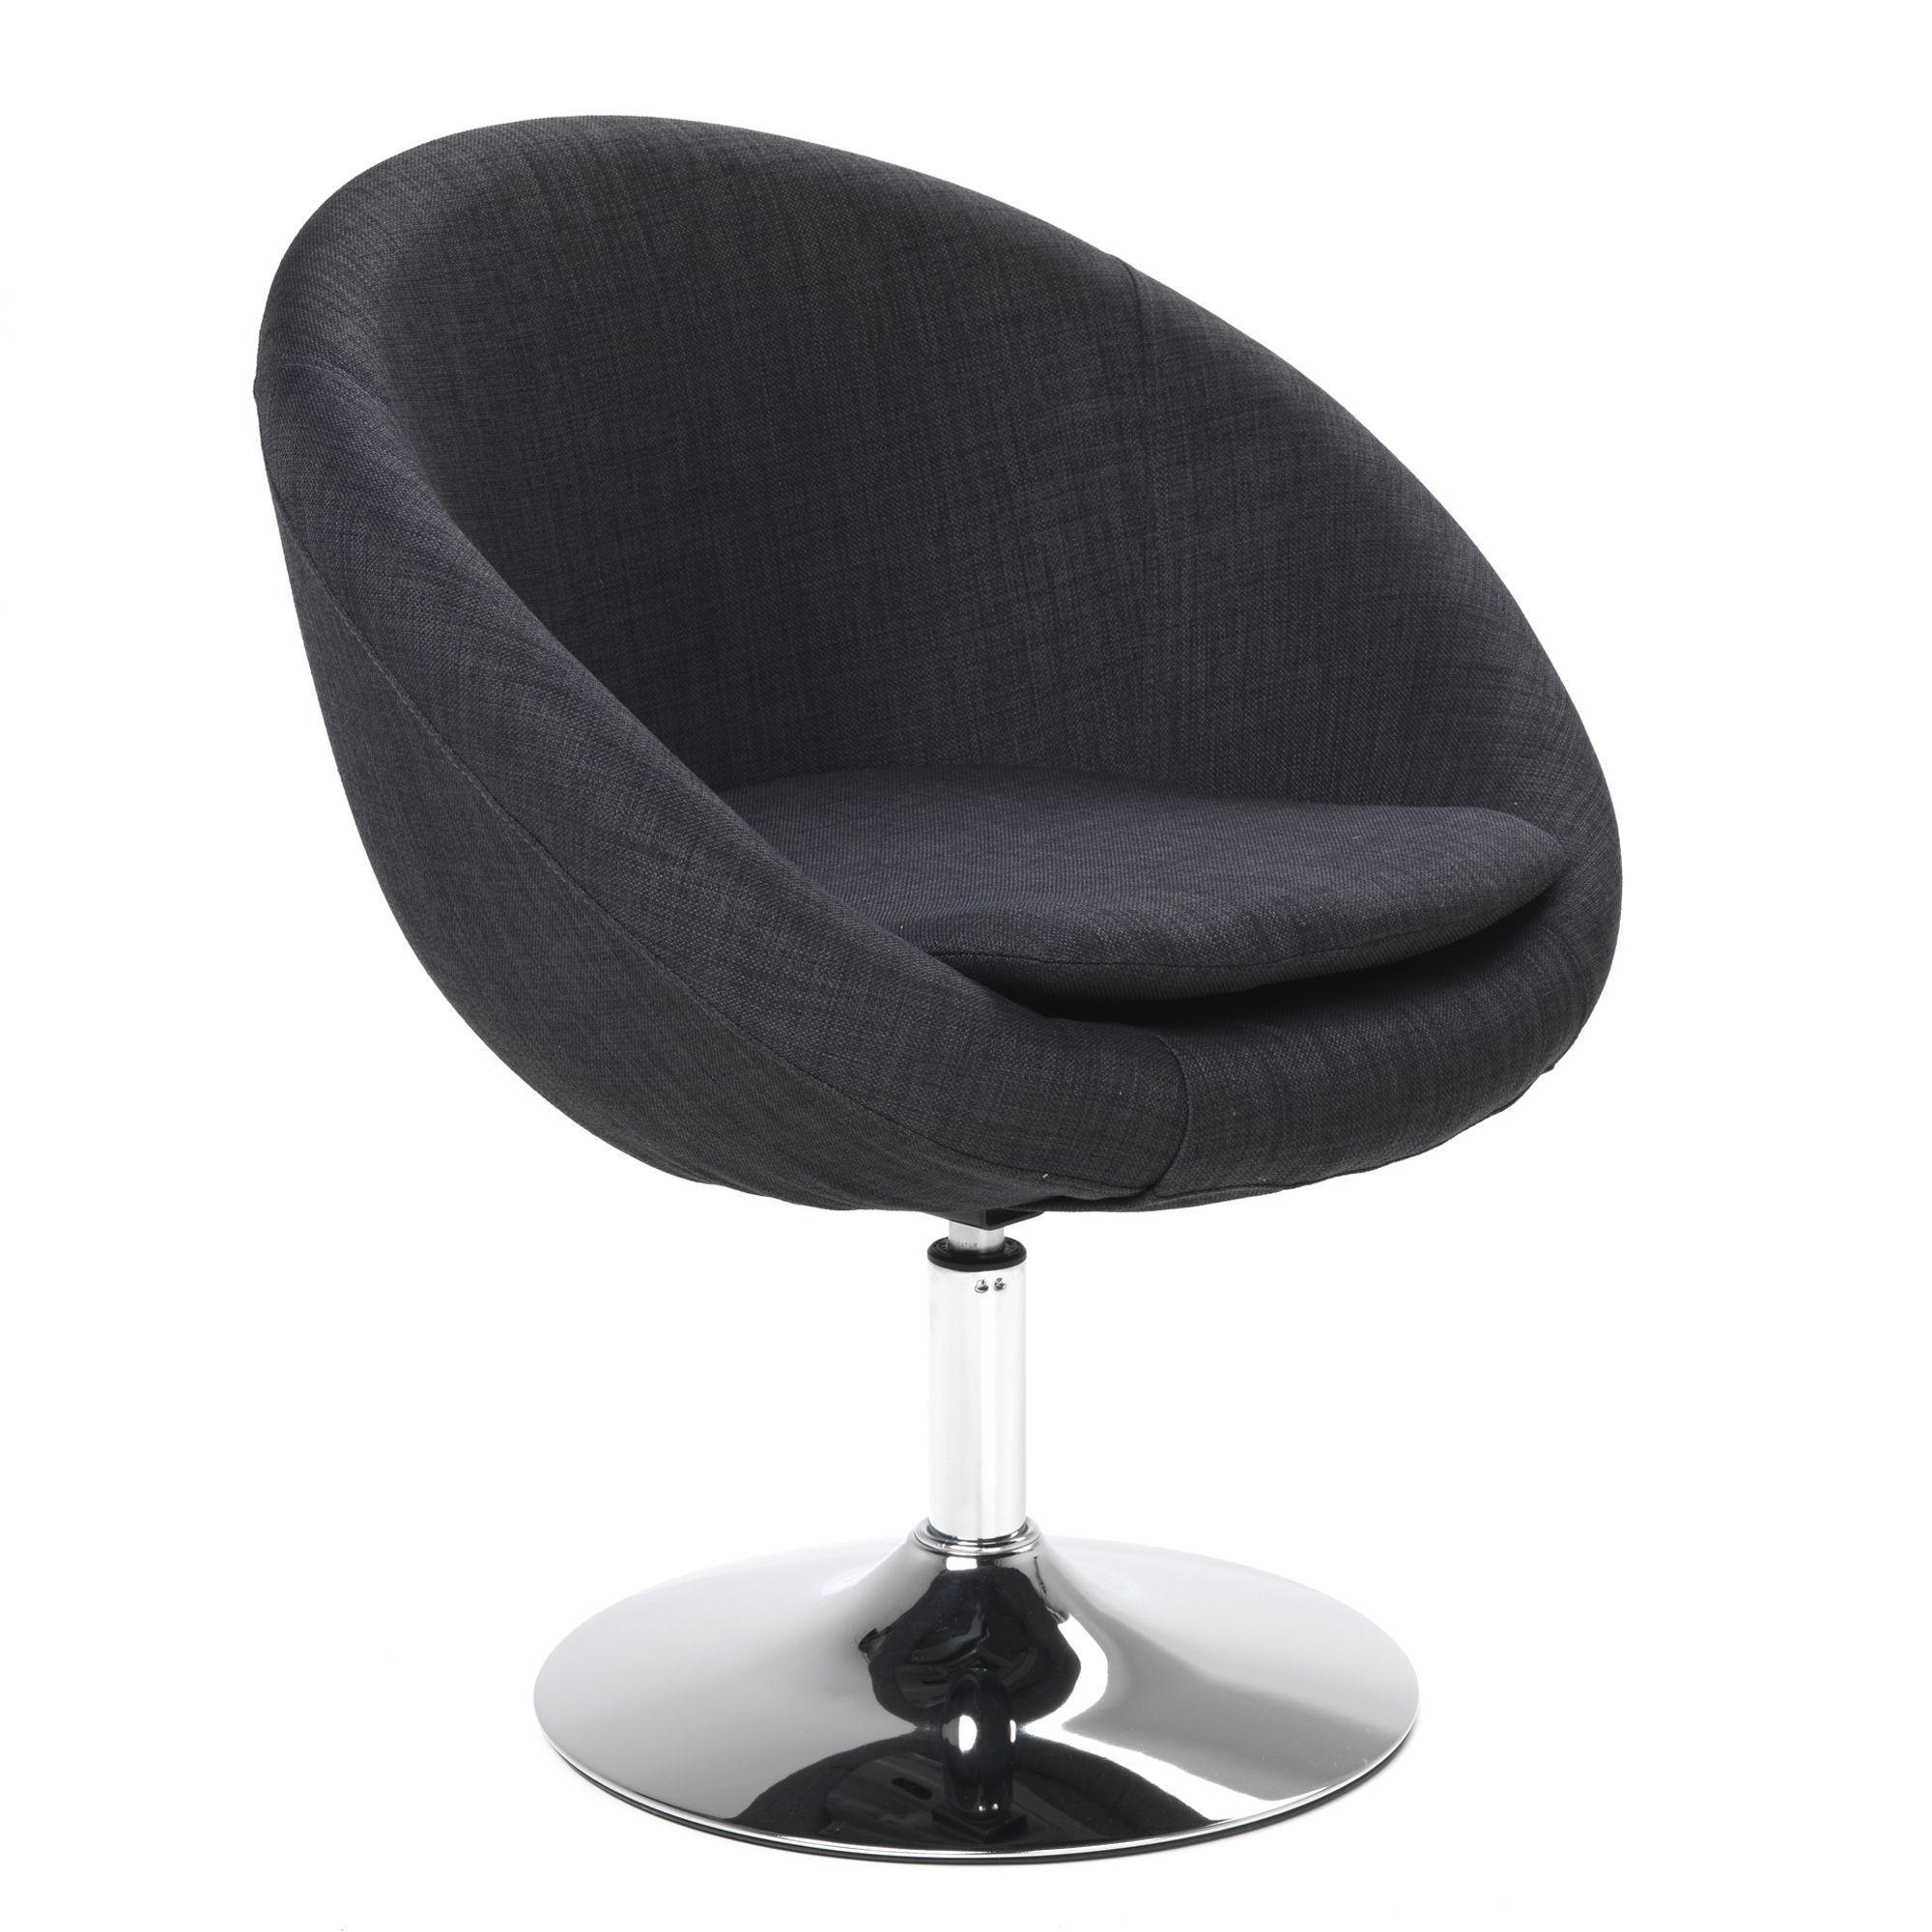 fauteuil pivotant noir linley fauteuils fauteuils et. Black Bedroom Furniture Sets. Home Design Ideas